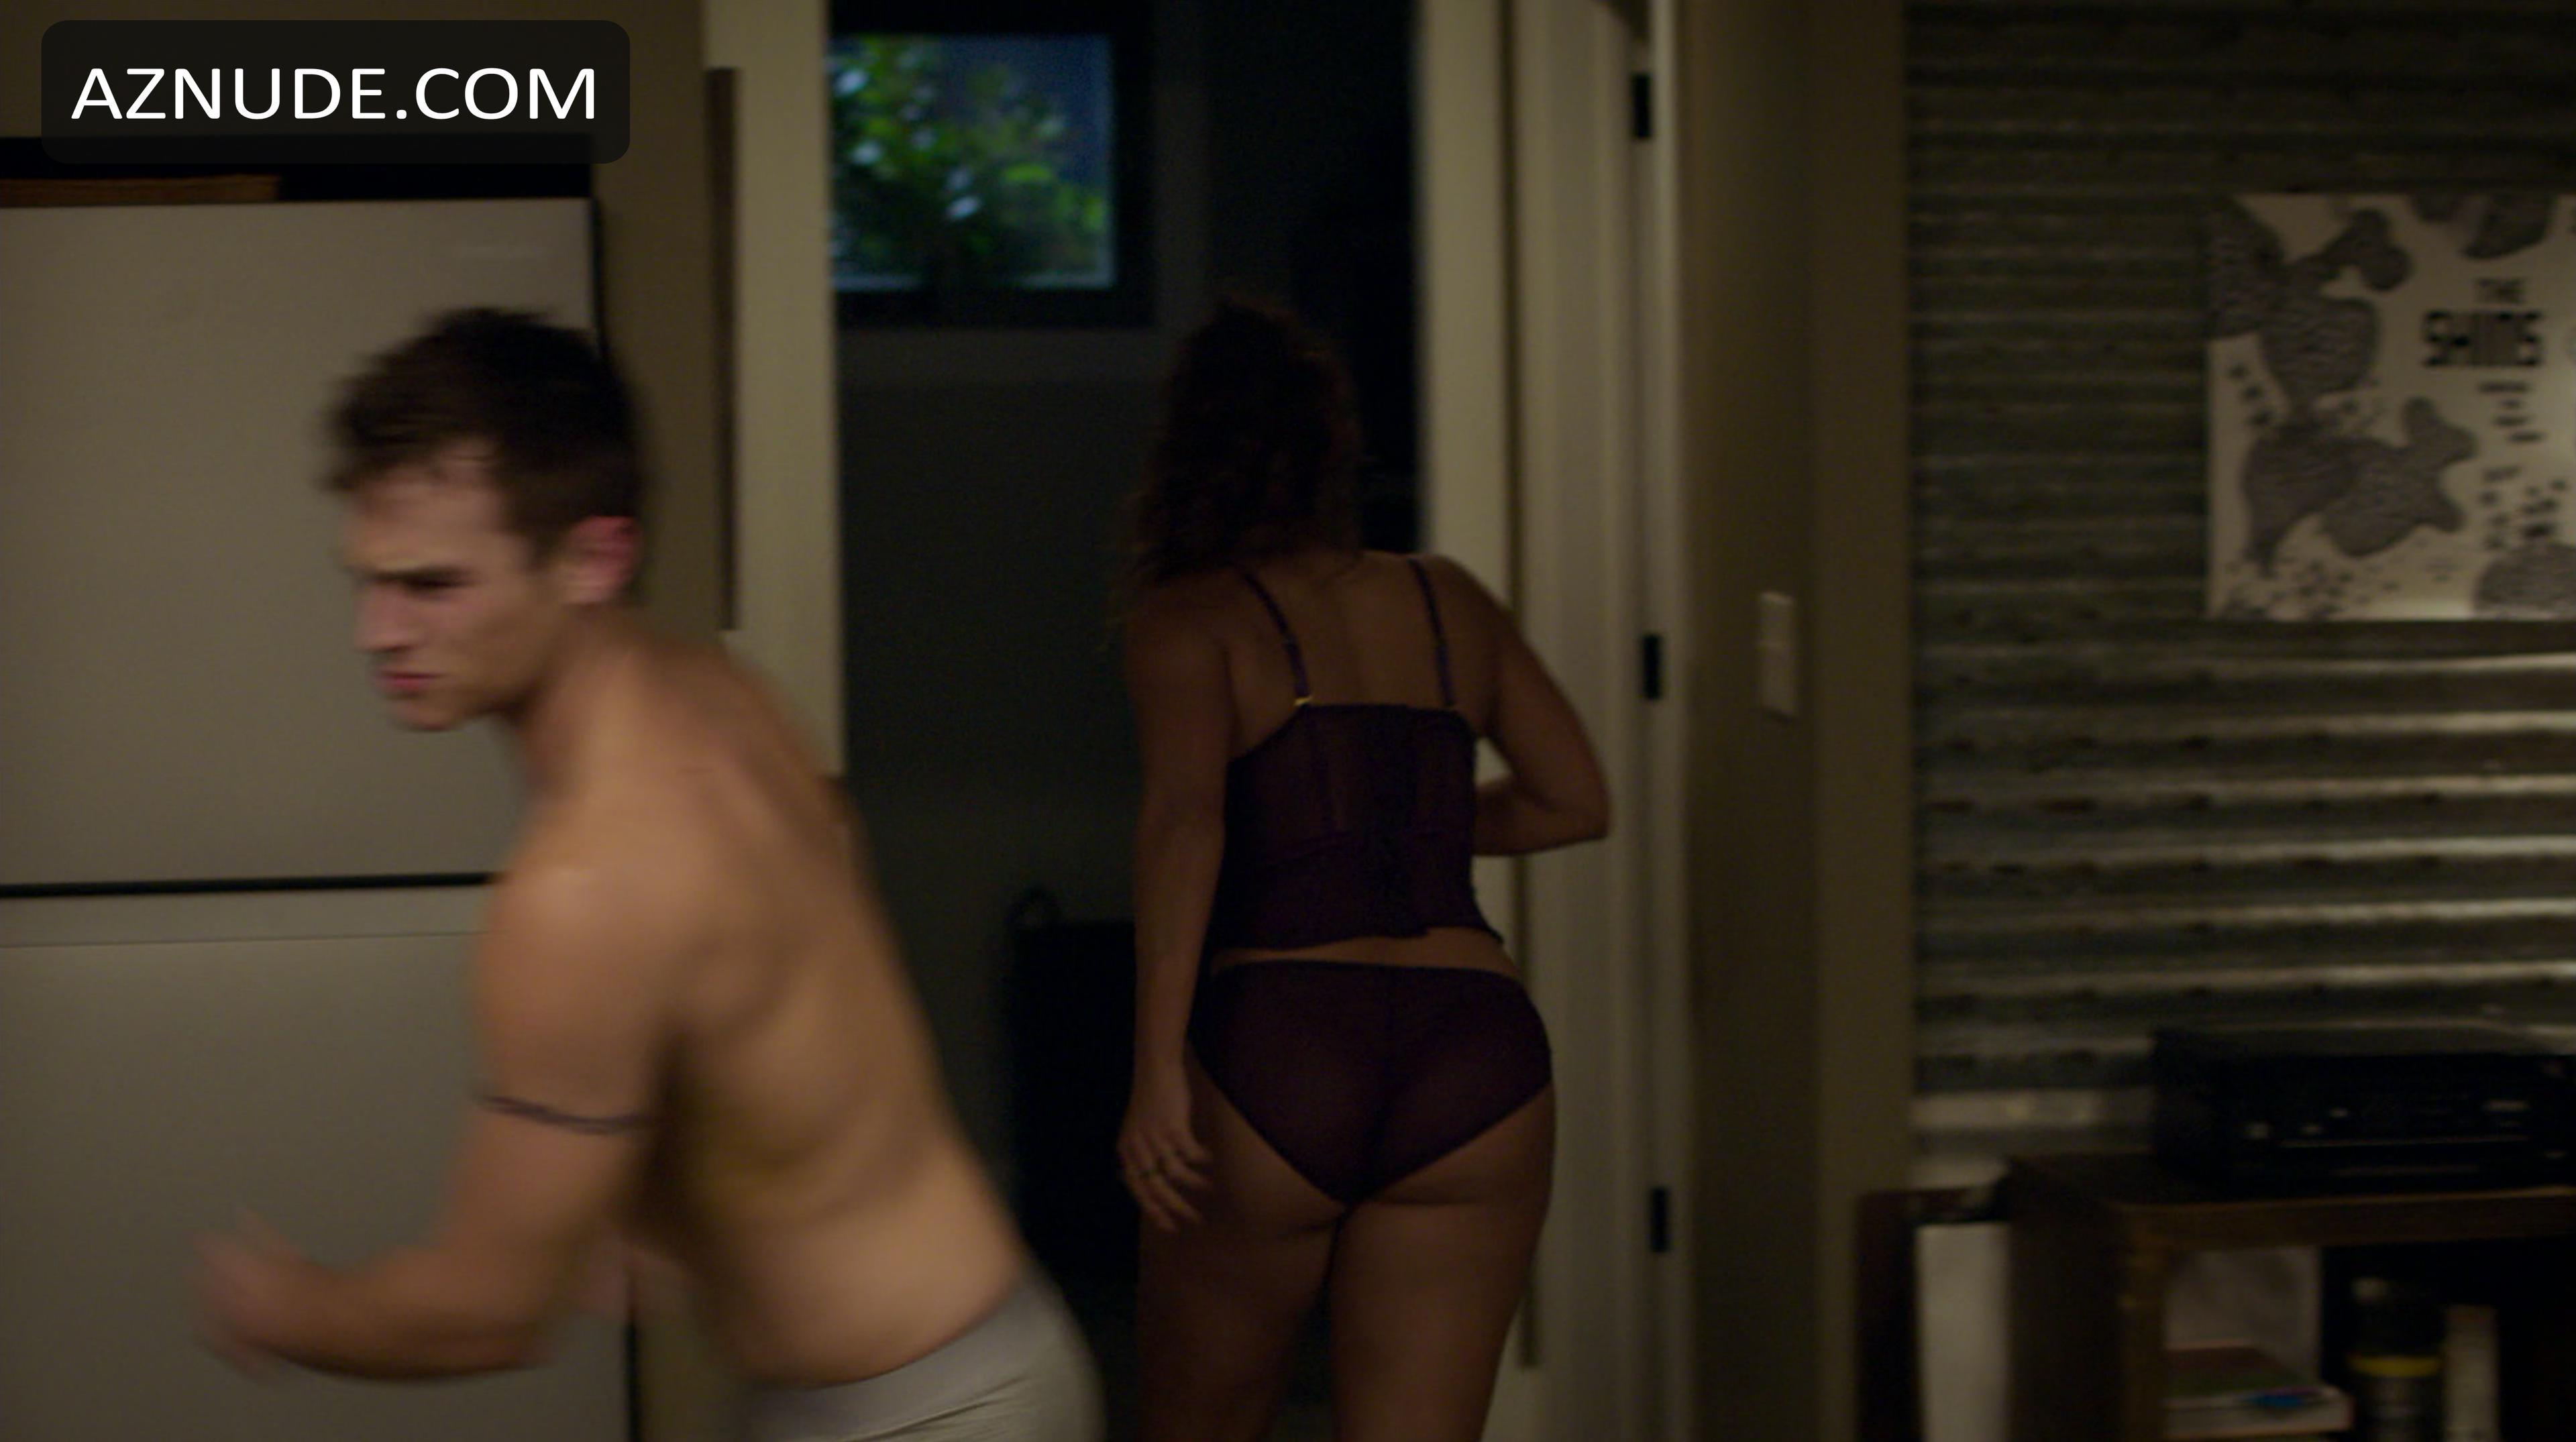 Alisha Naked alisha boe nude - aznude